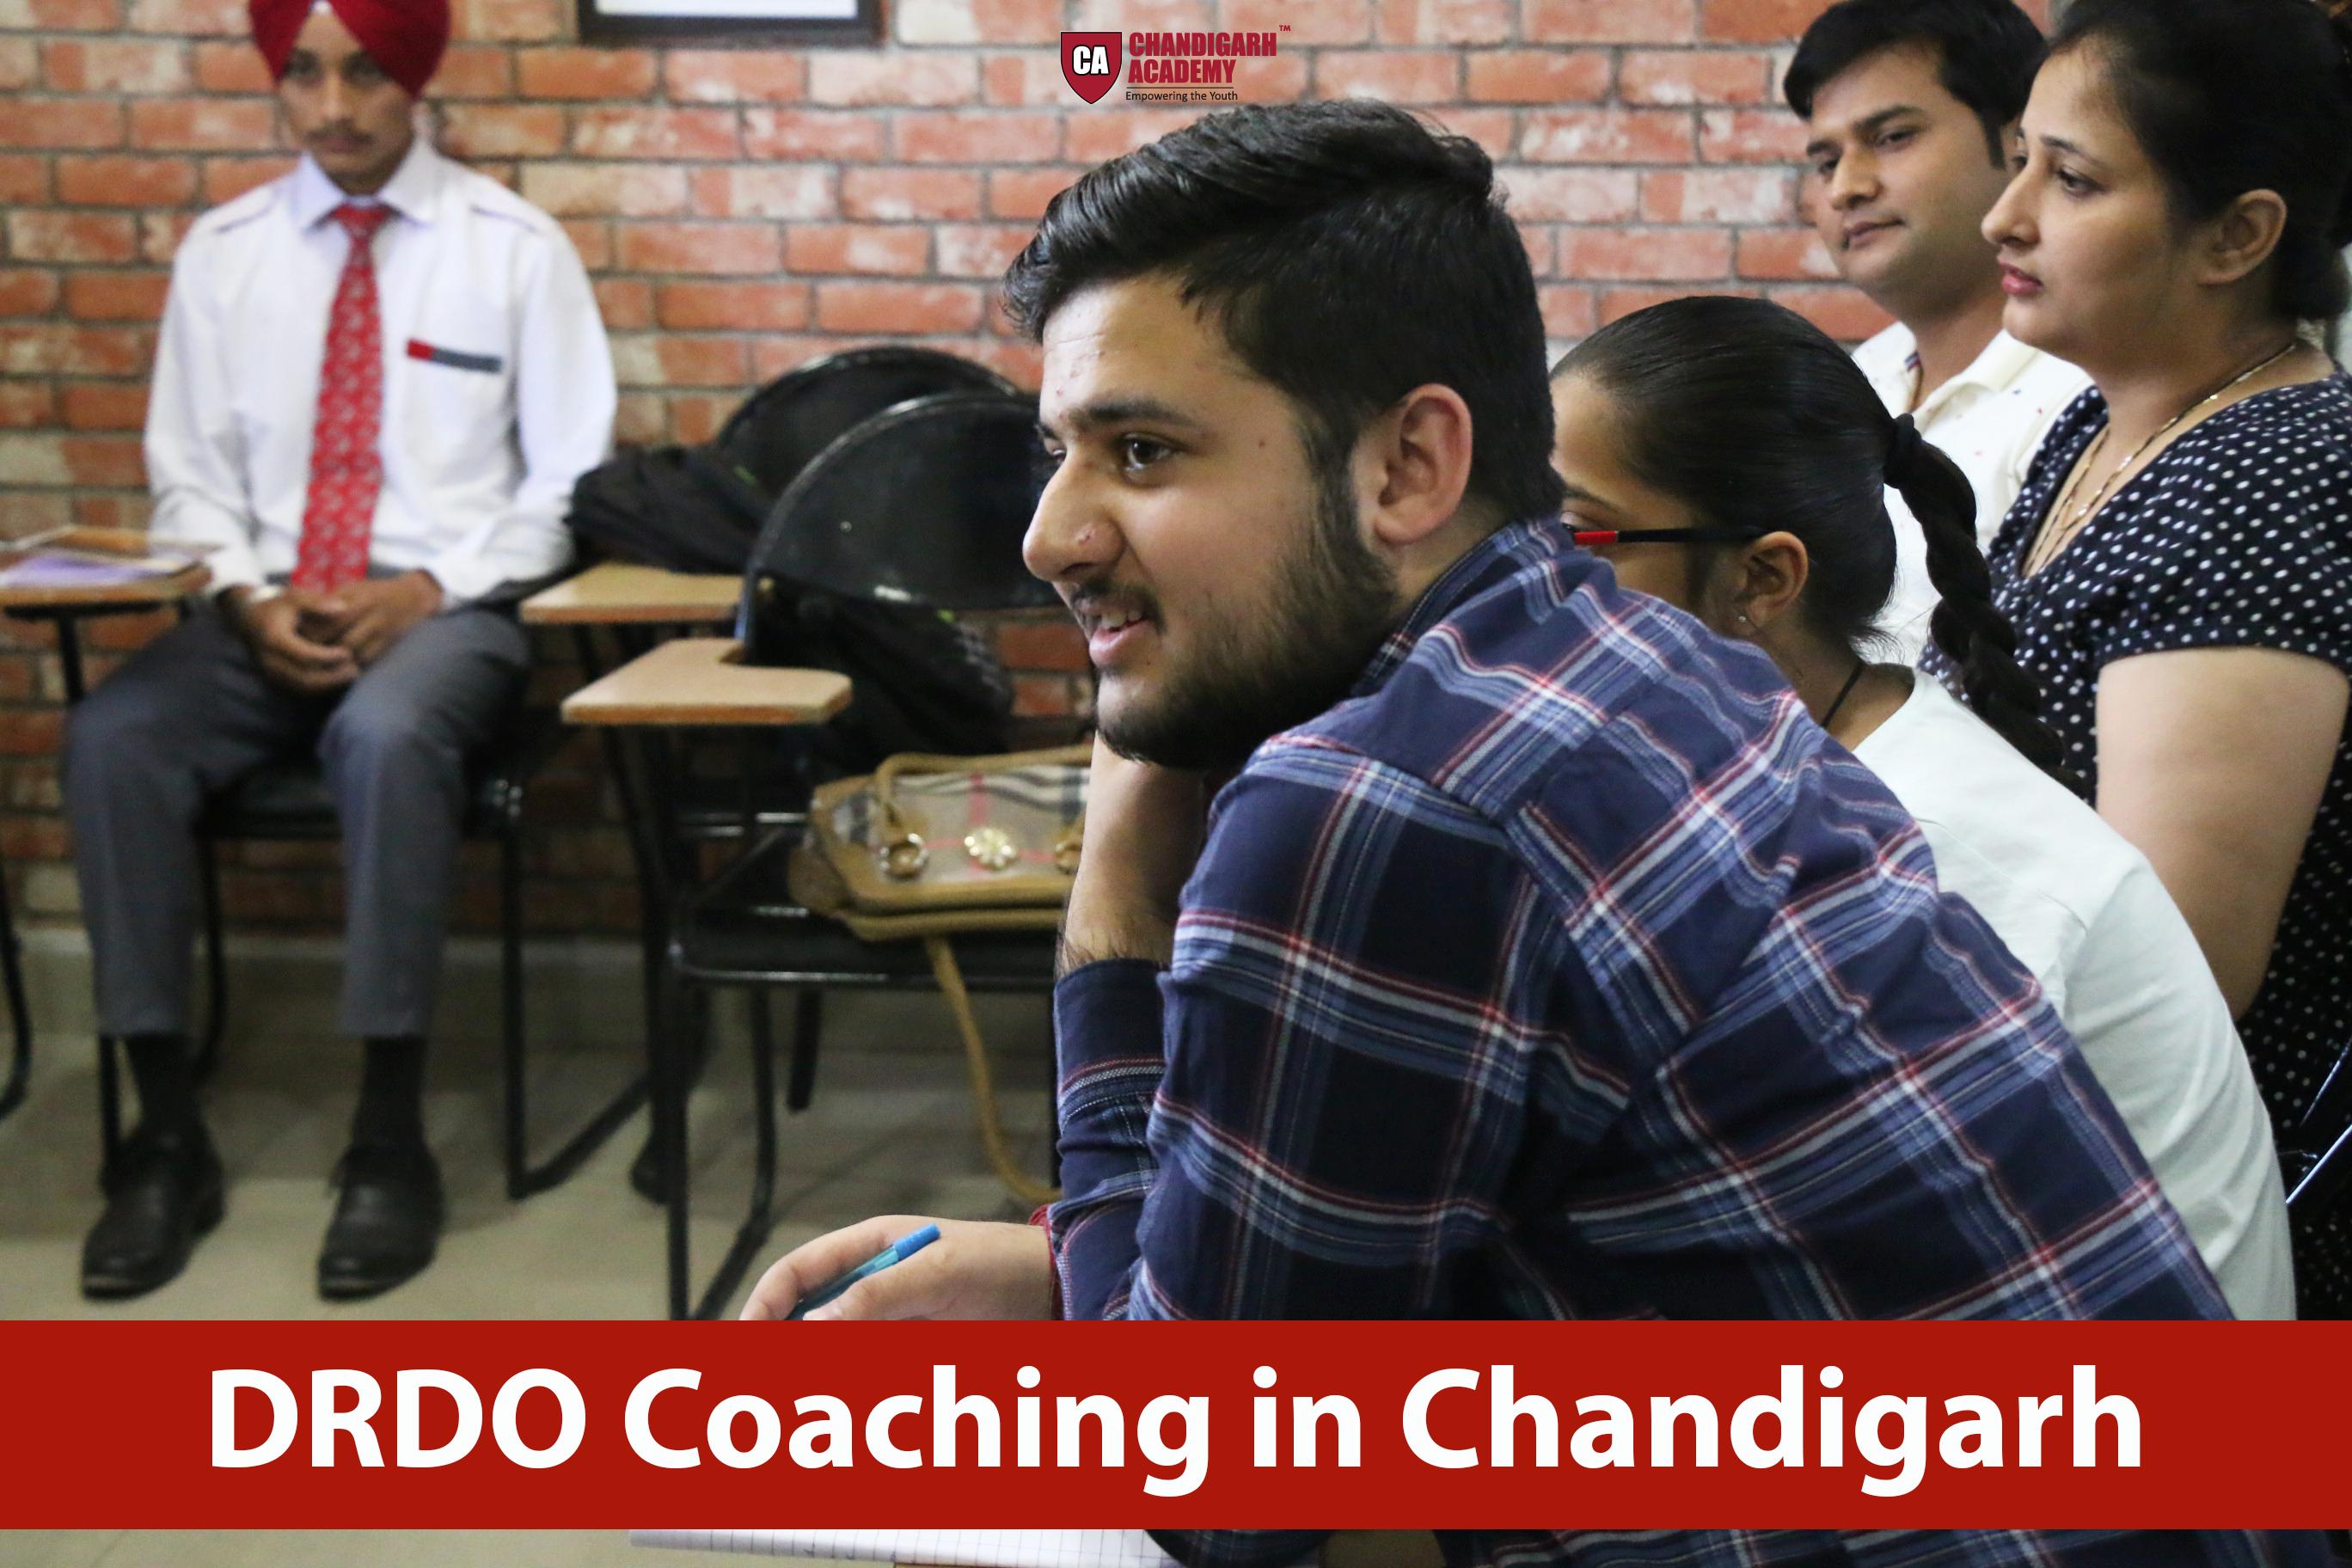 DRDO Coaching in Chandigarh